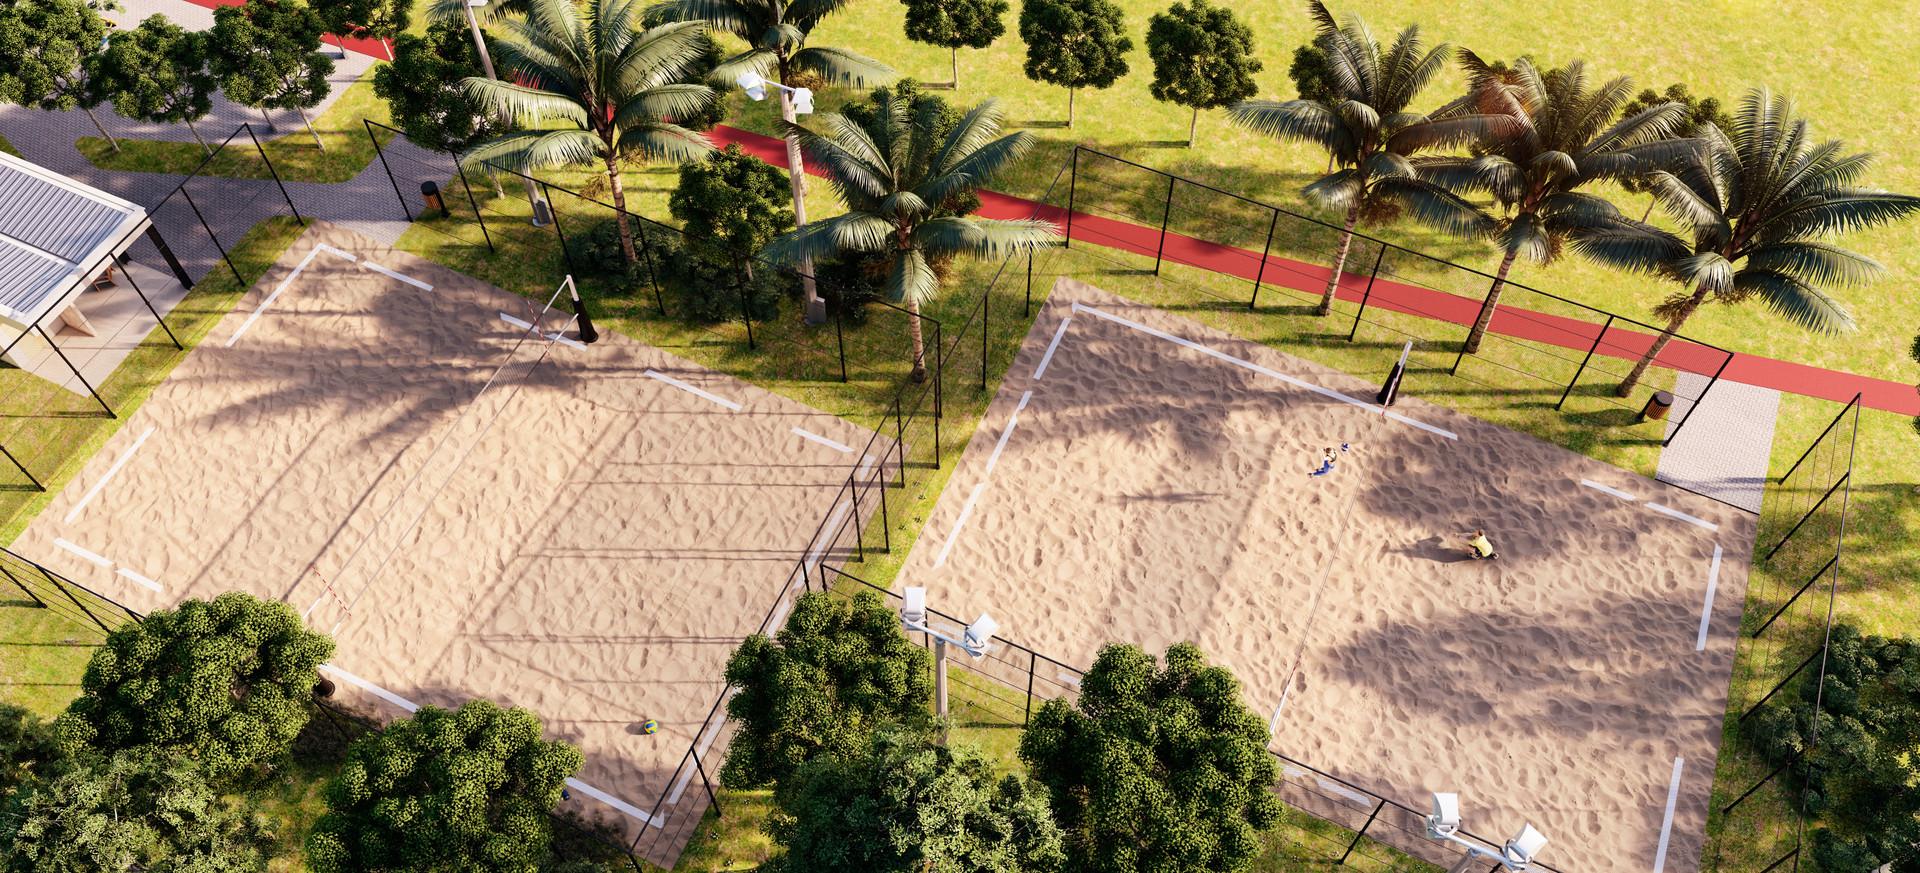 2 Quadras de areia